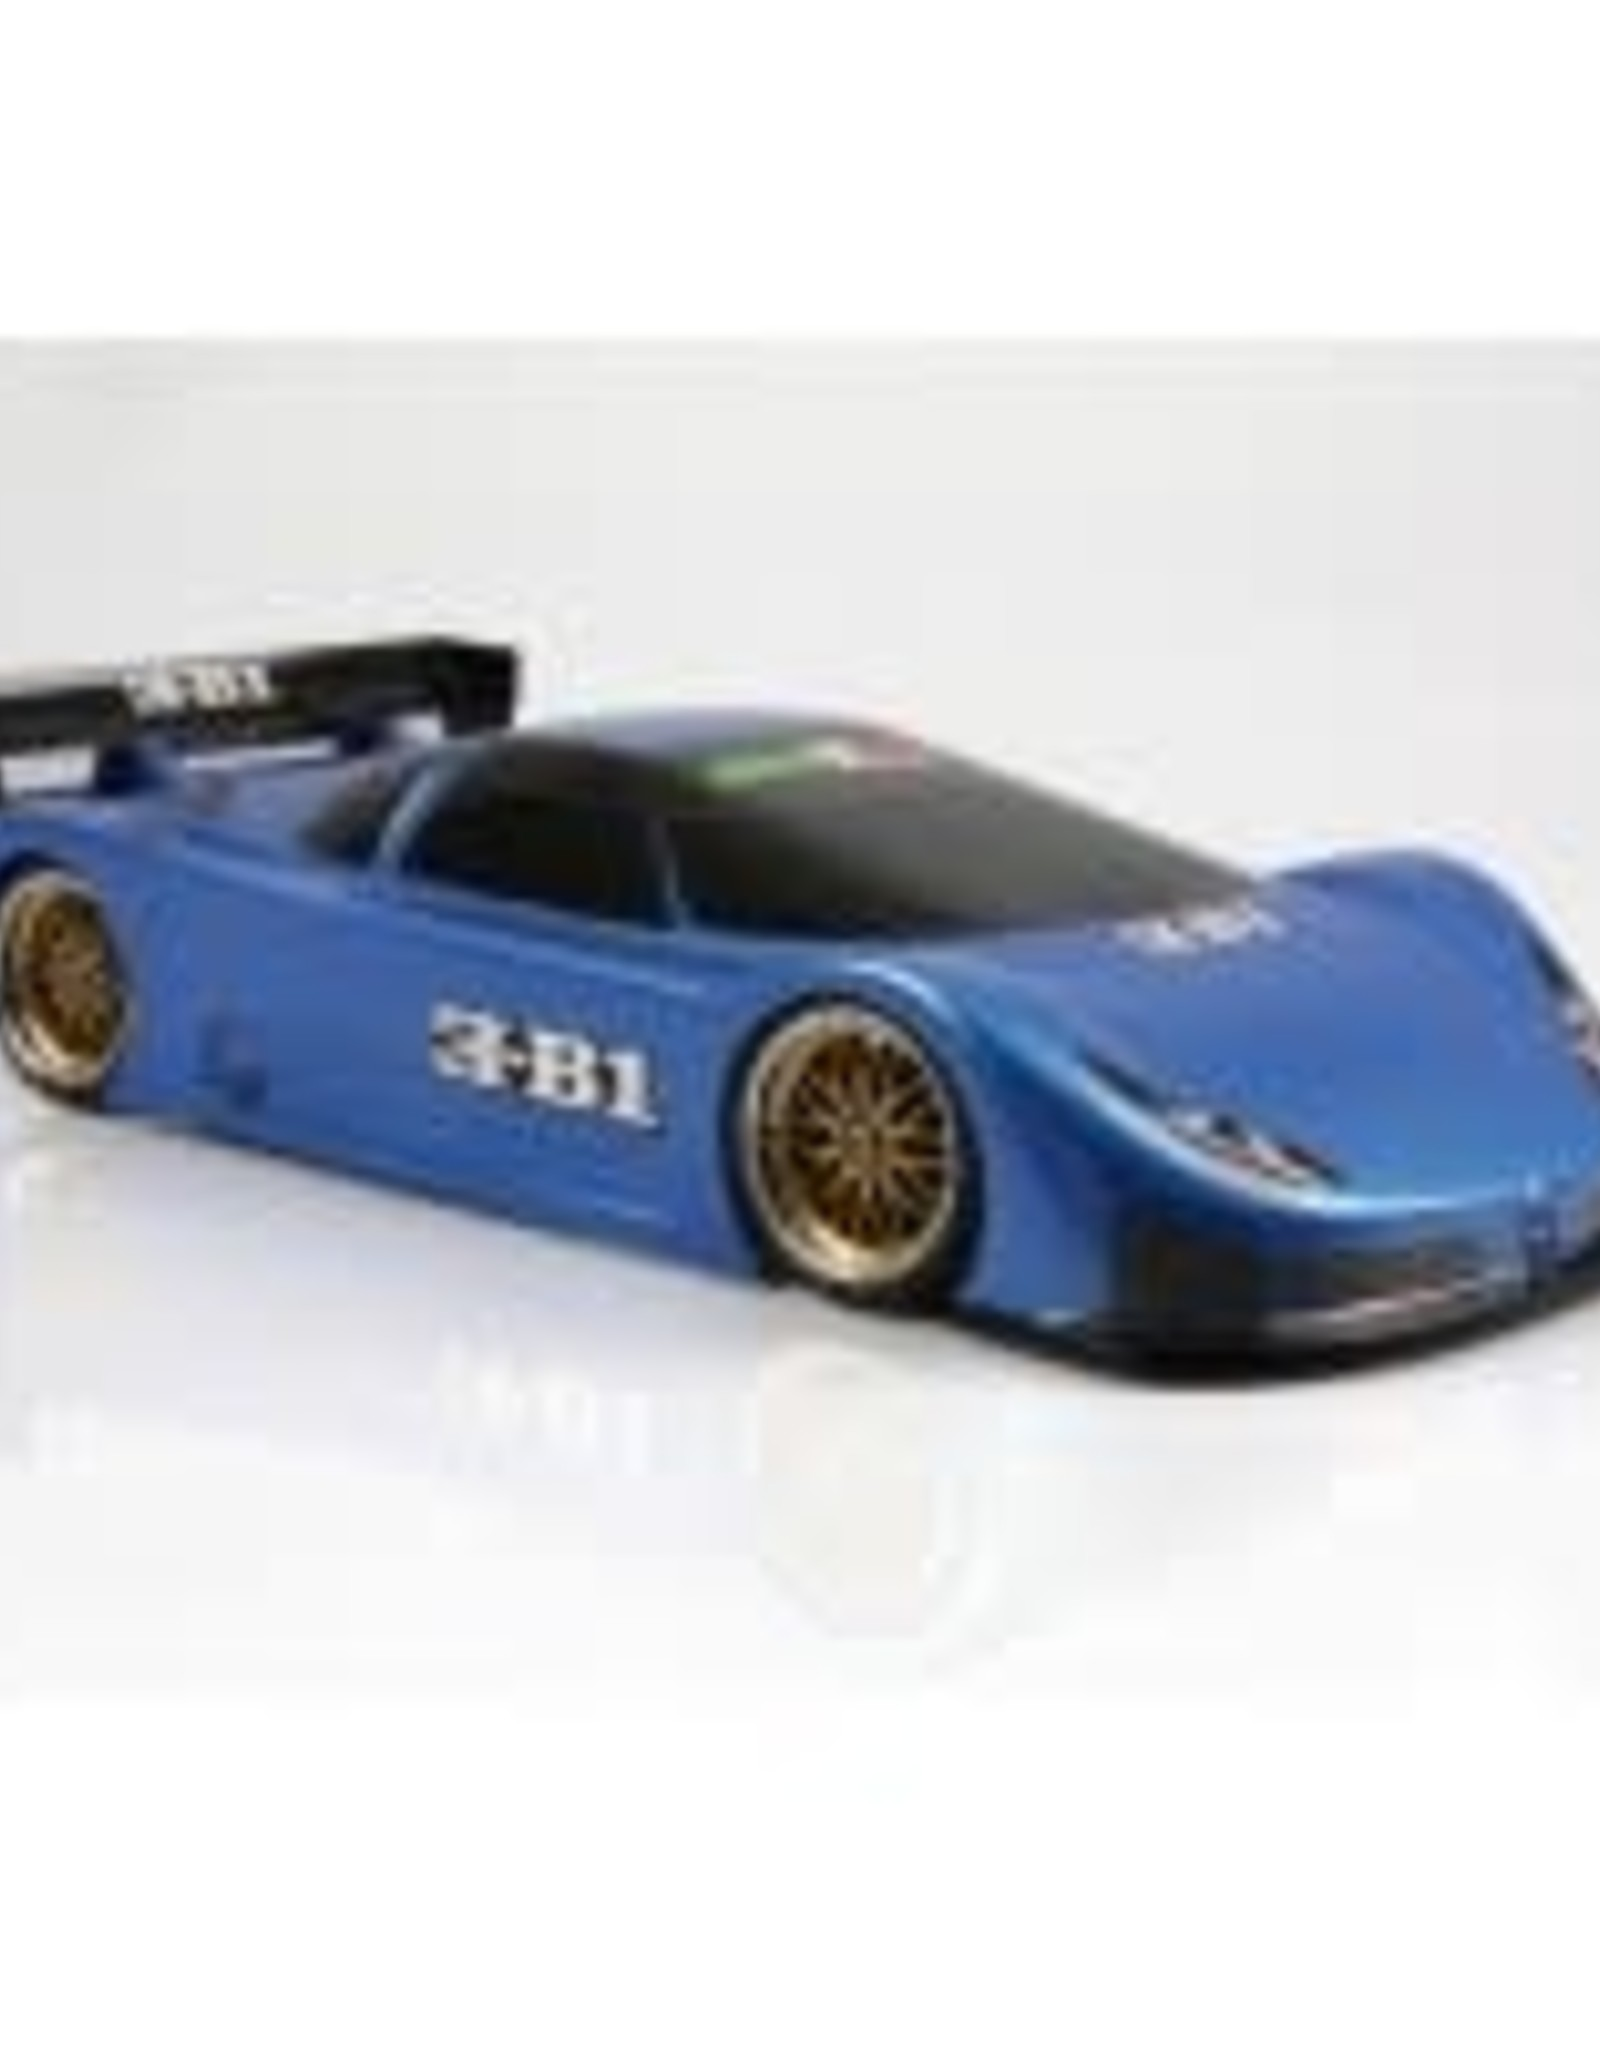 Mon-Tech E-B1 190mm GT Body